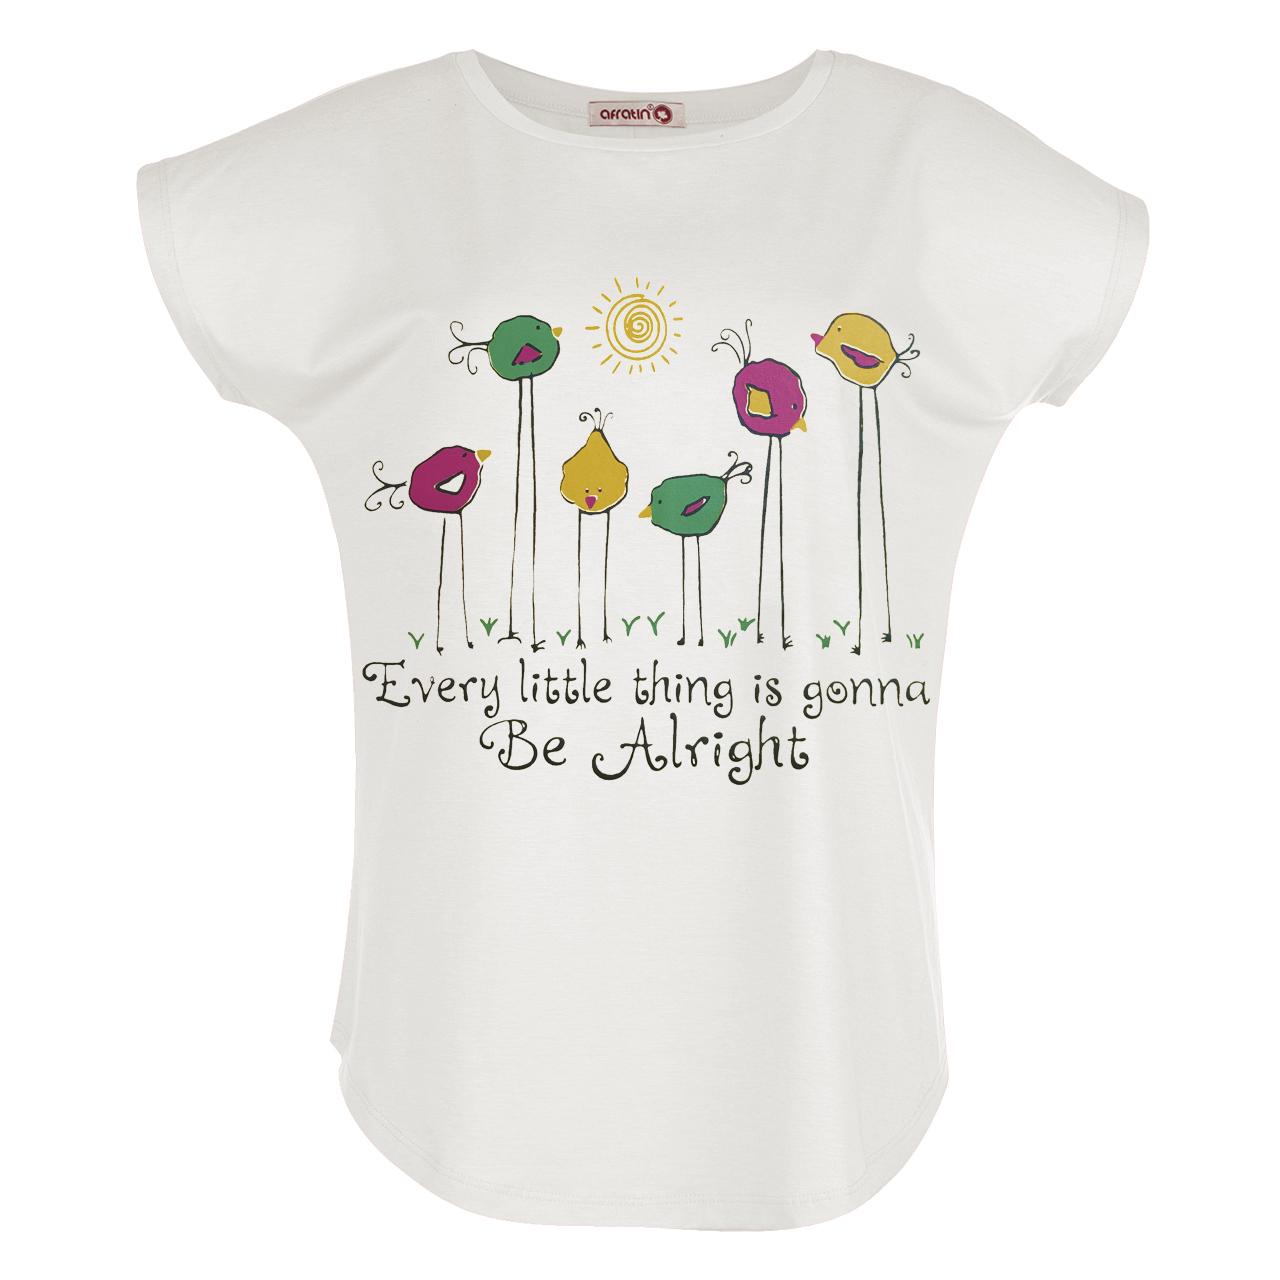 تی شرت زنانه افراتین طرح جوجه کد 2549 رنگ شیری